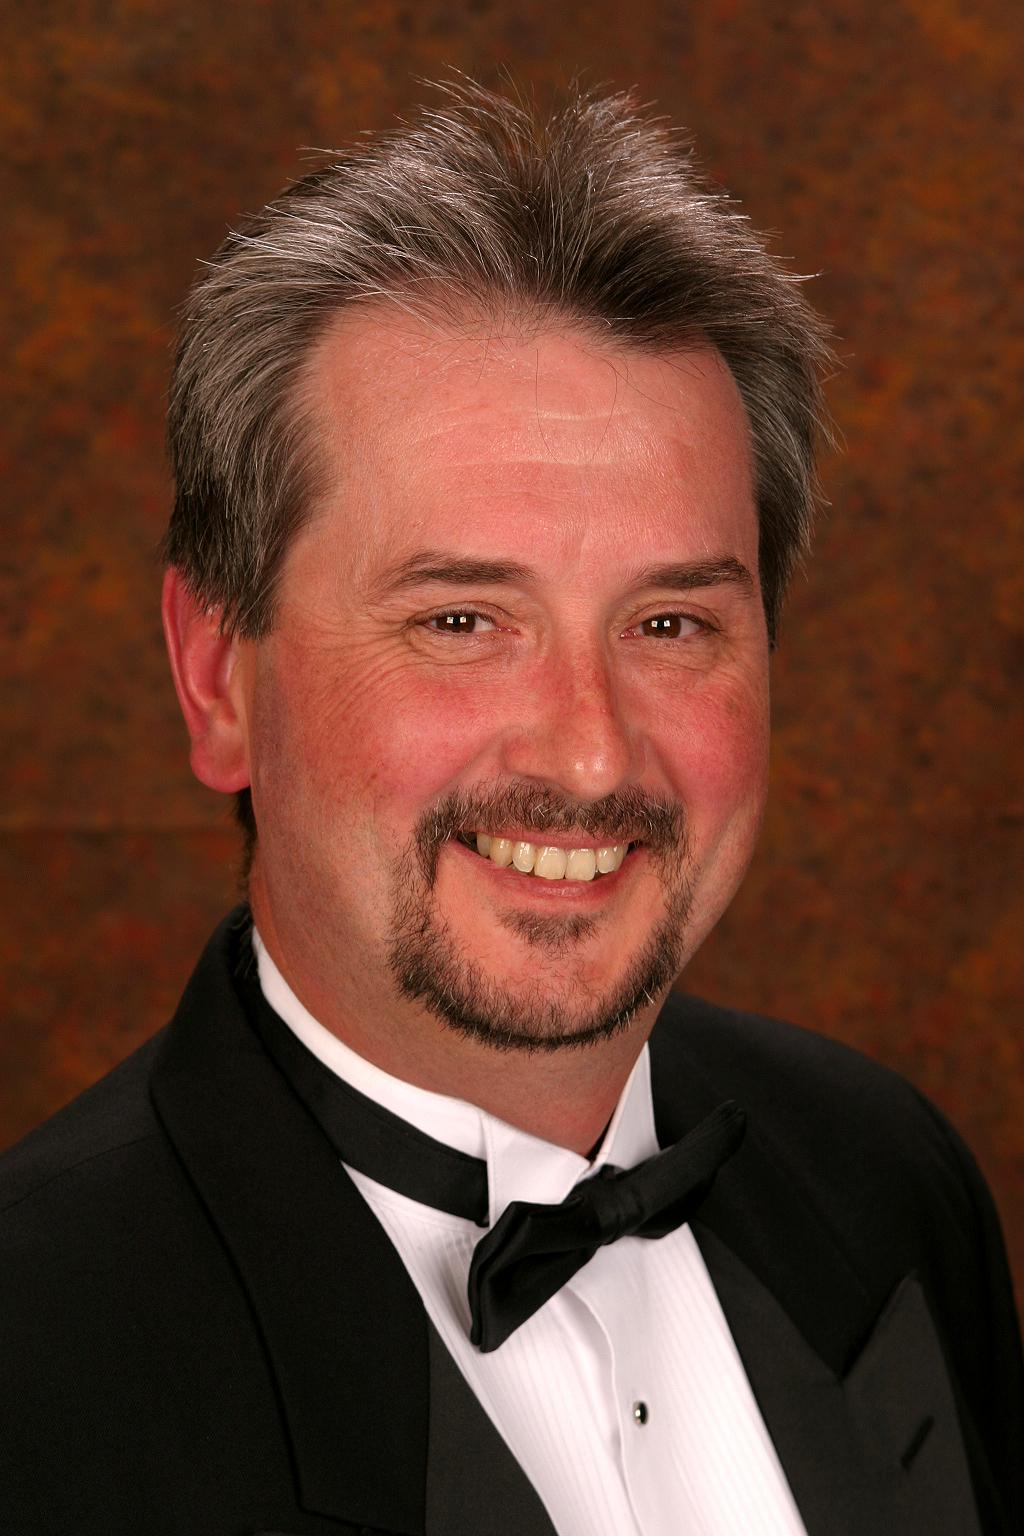 Jeff Dorsey headshot.JPG